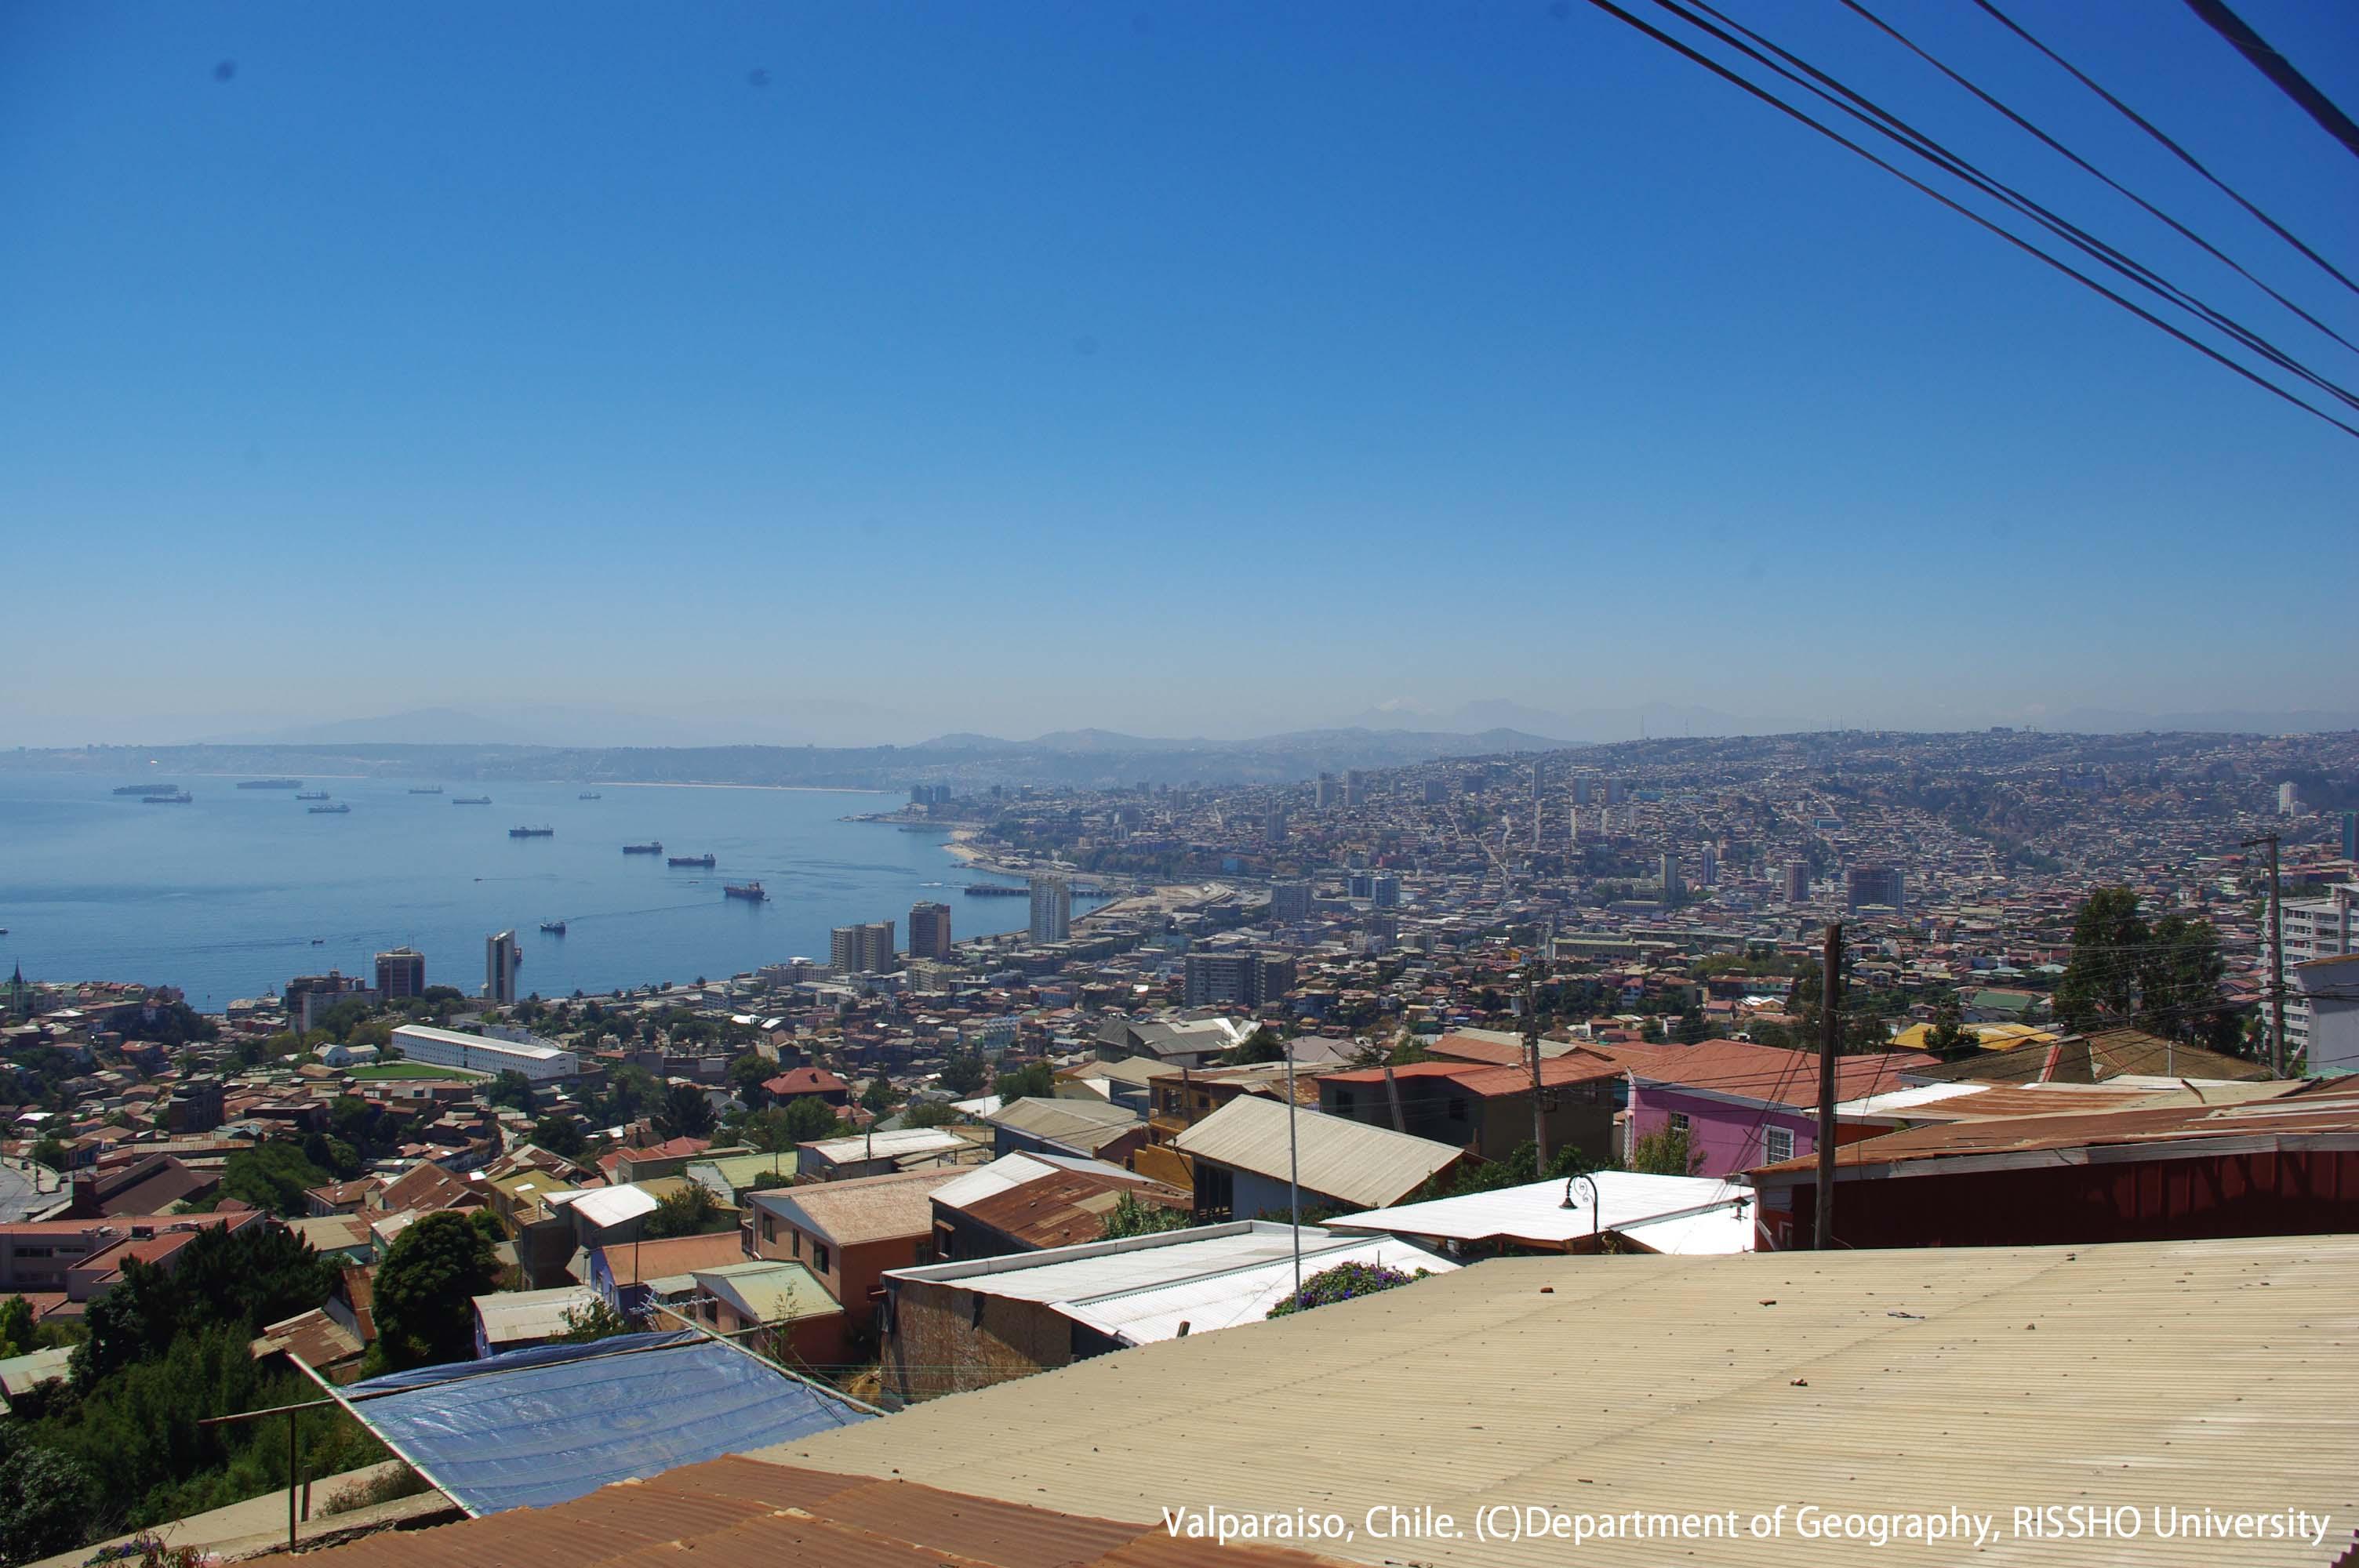 チリ中部の港町、バルパライソ